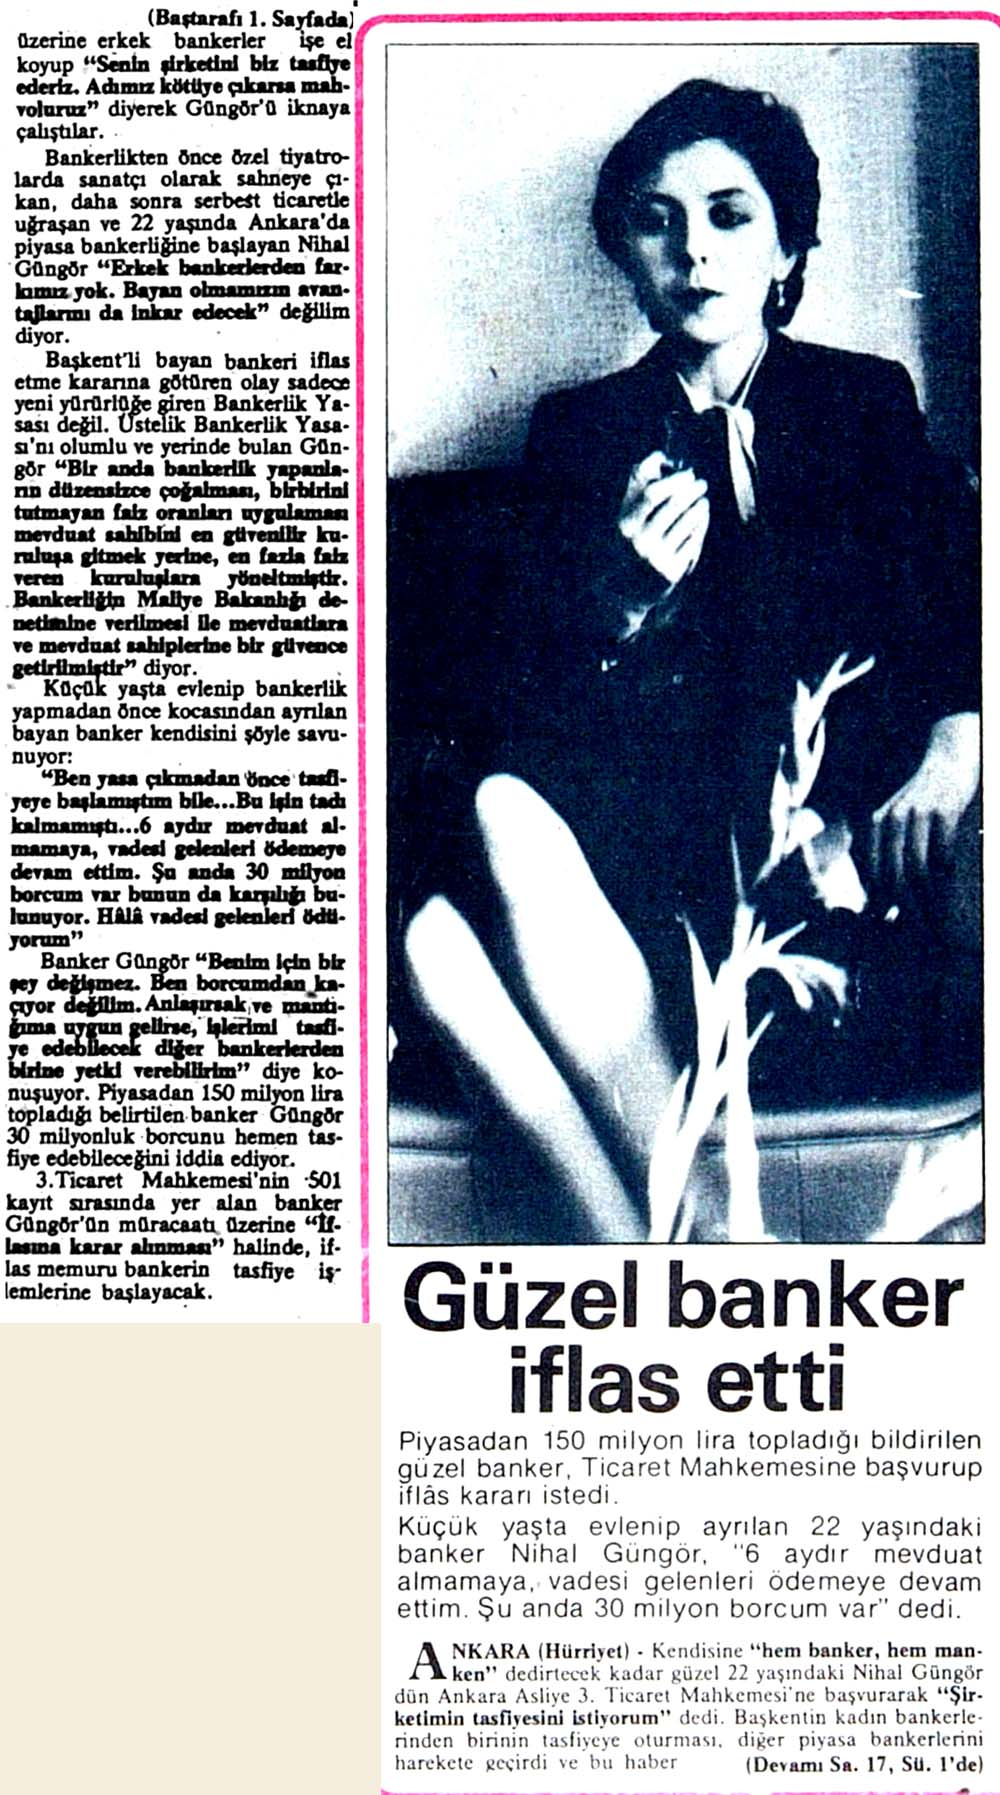 Güzel banker iflas etti